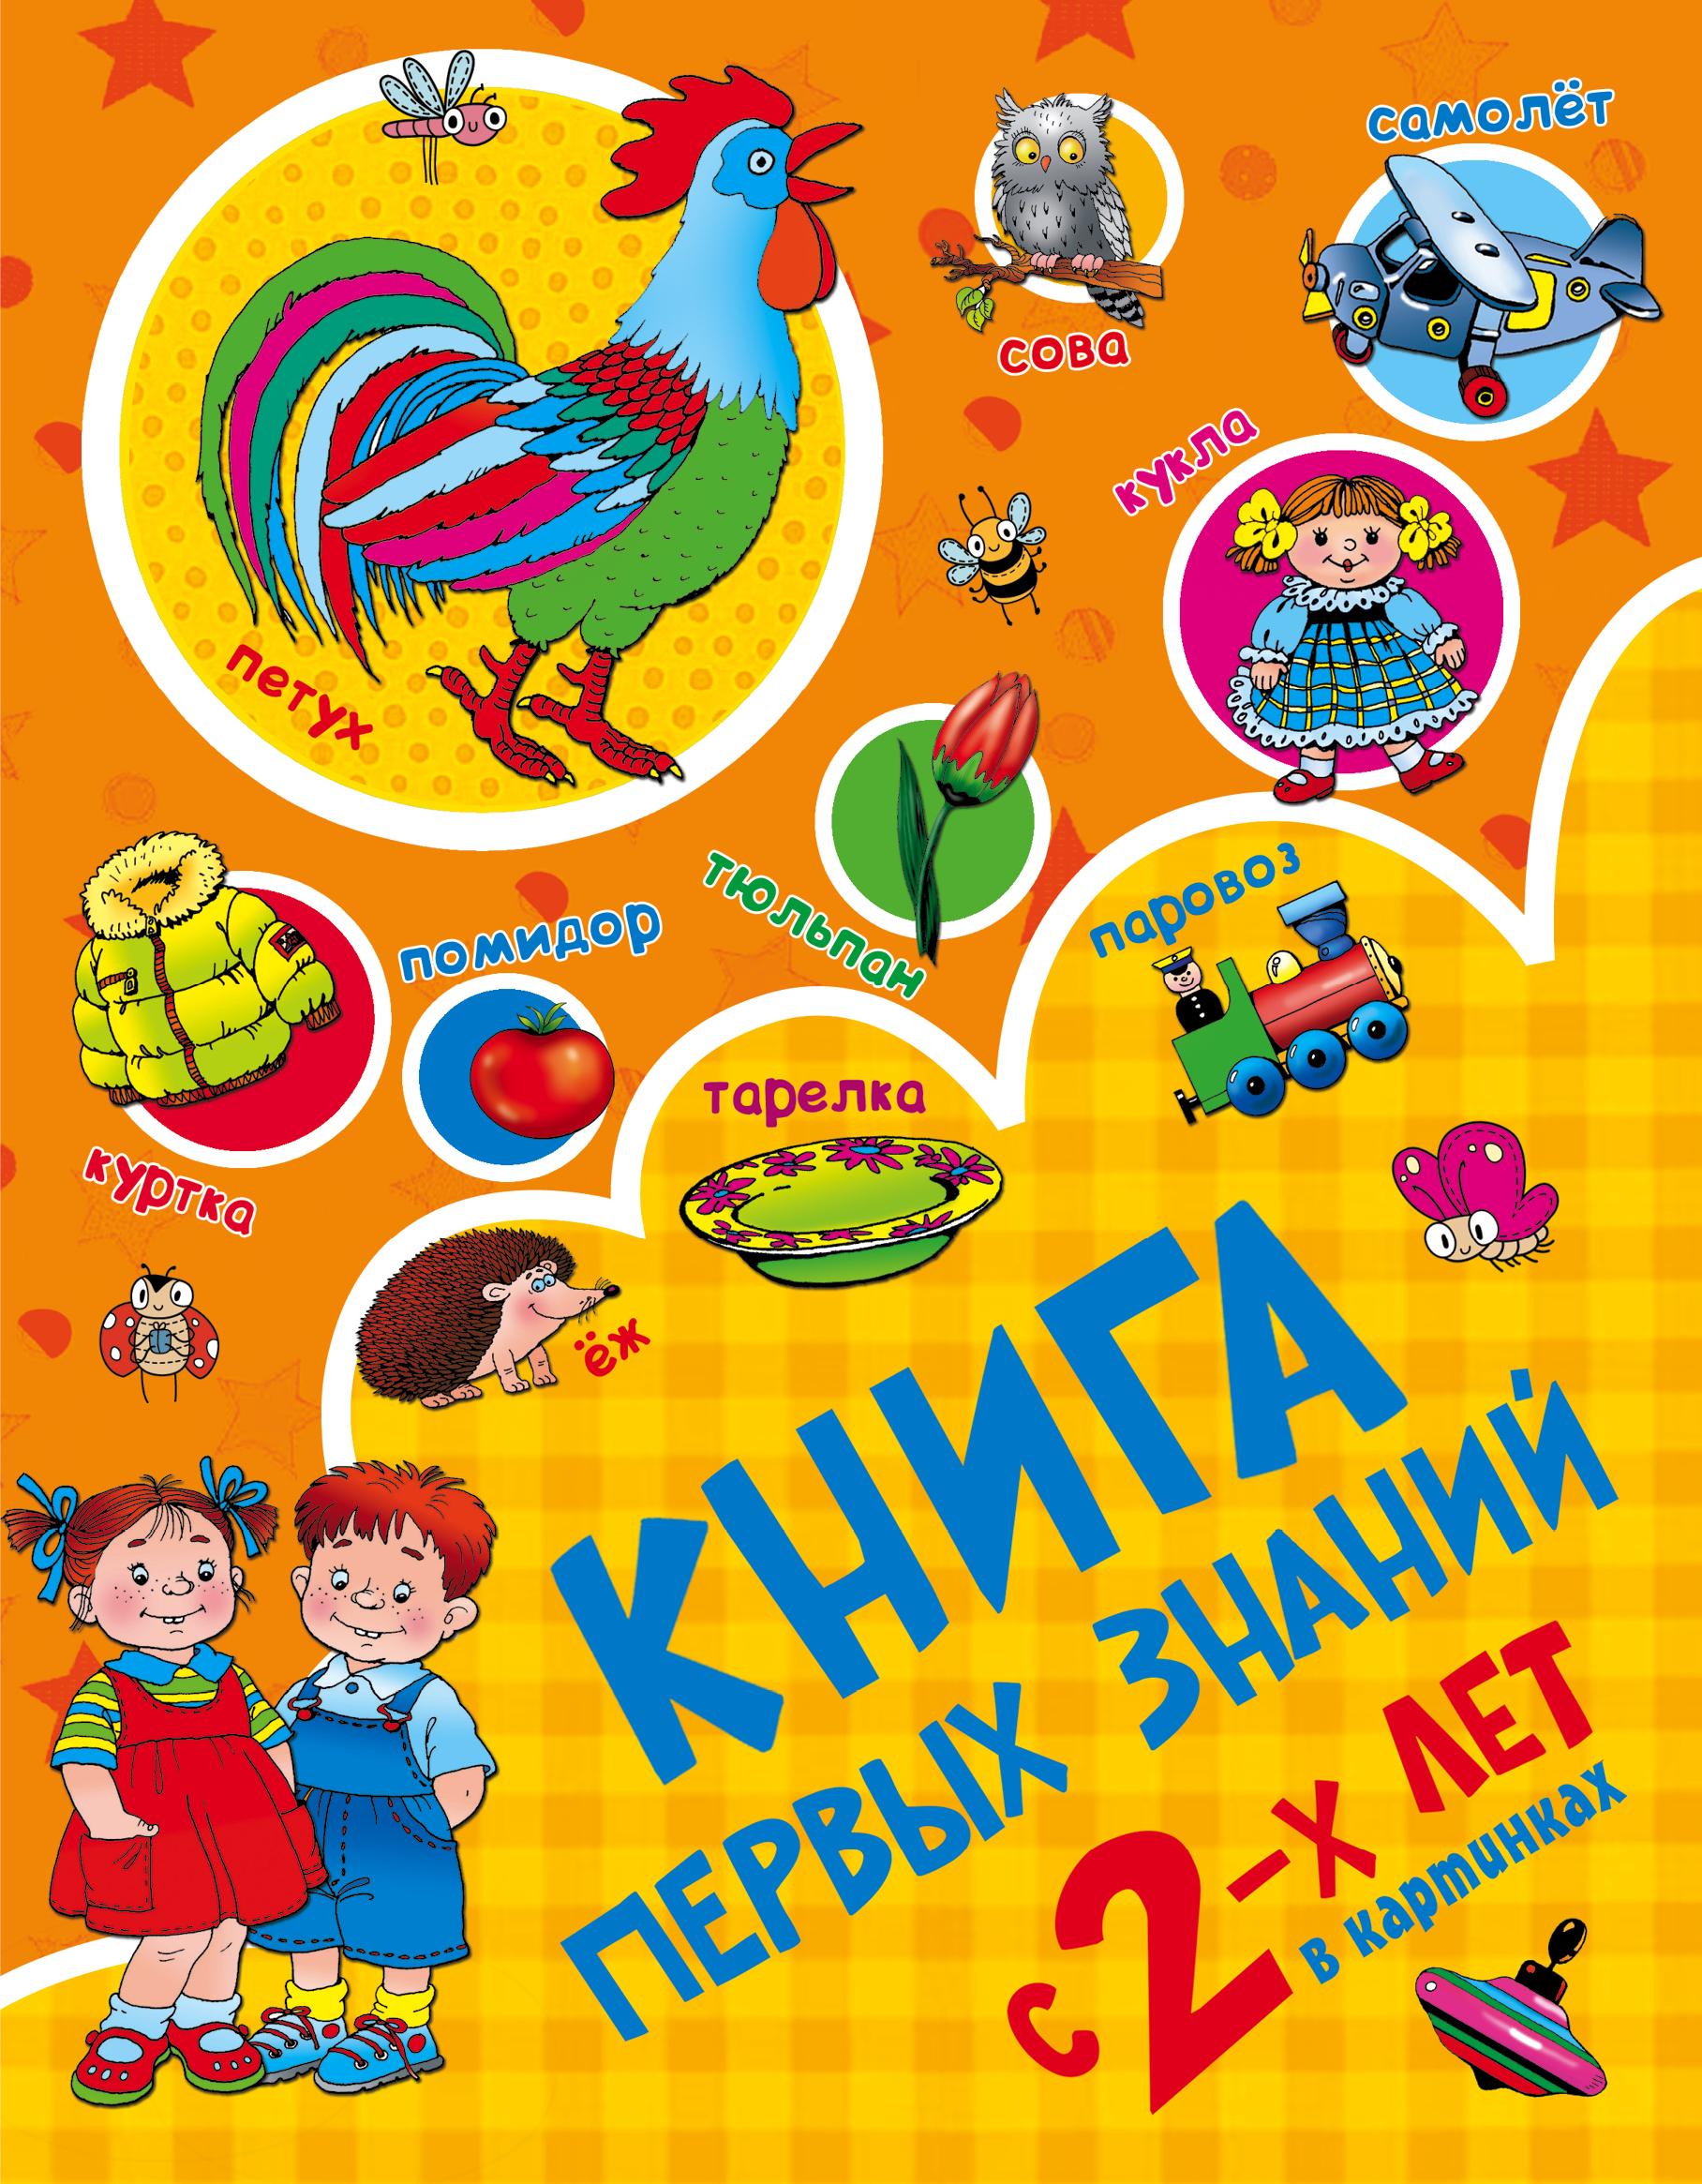 Дмитриева В.Г. Книга первых знаний большая книга первых слов